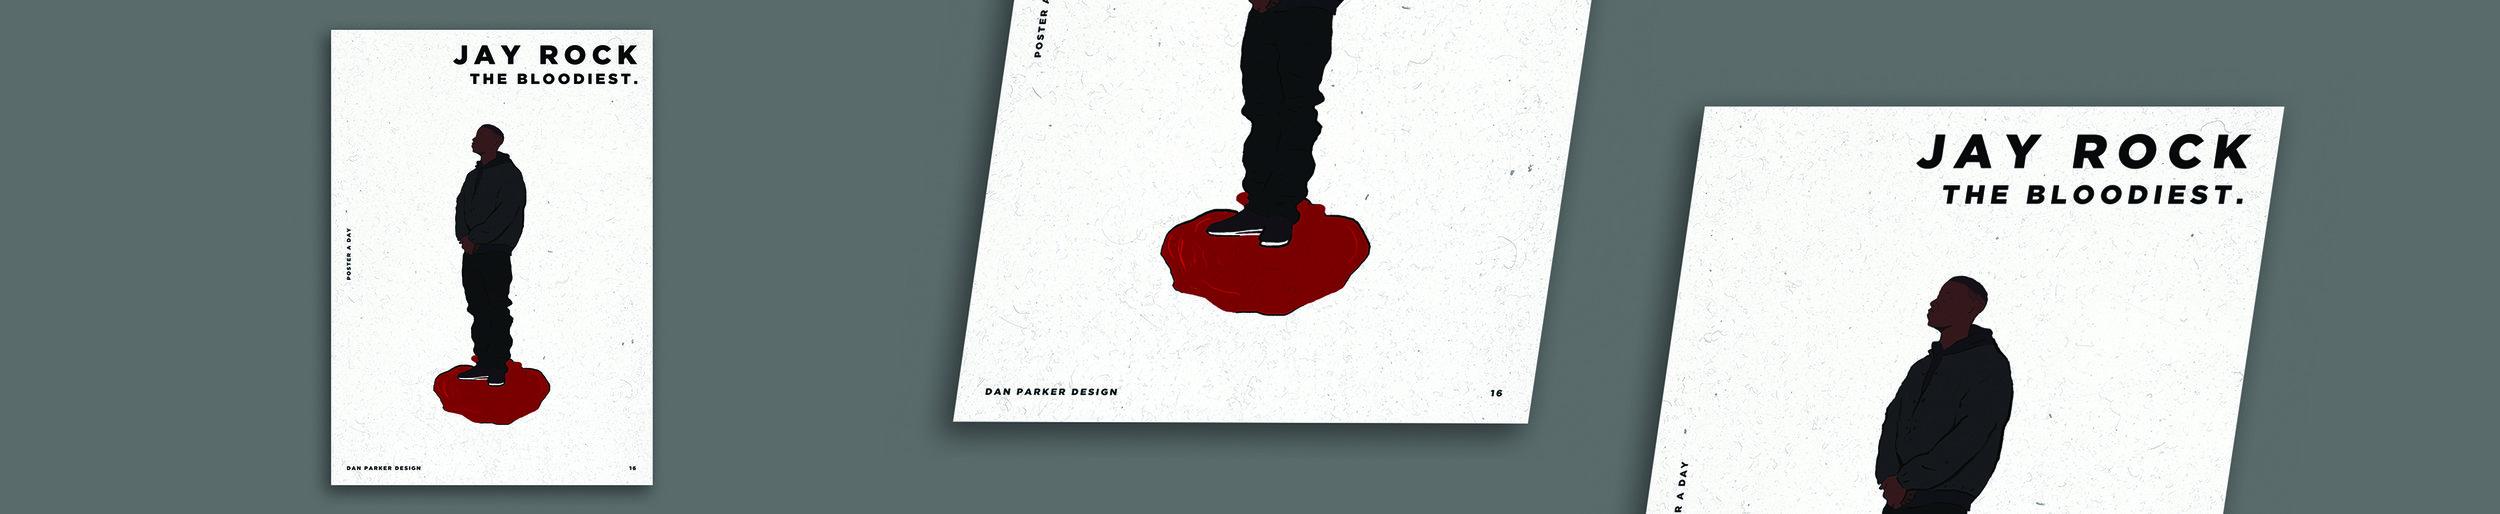 Jay Rock Wide Mockup 2.jpg